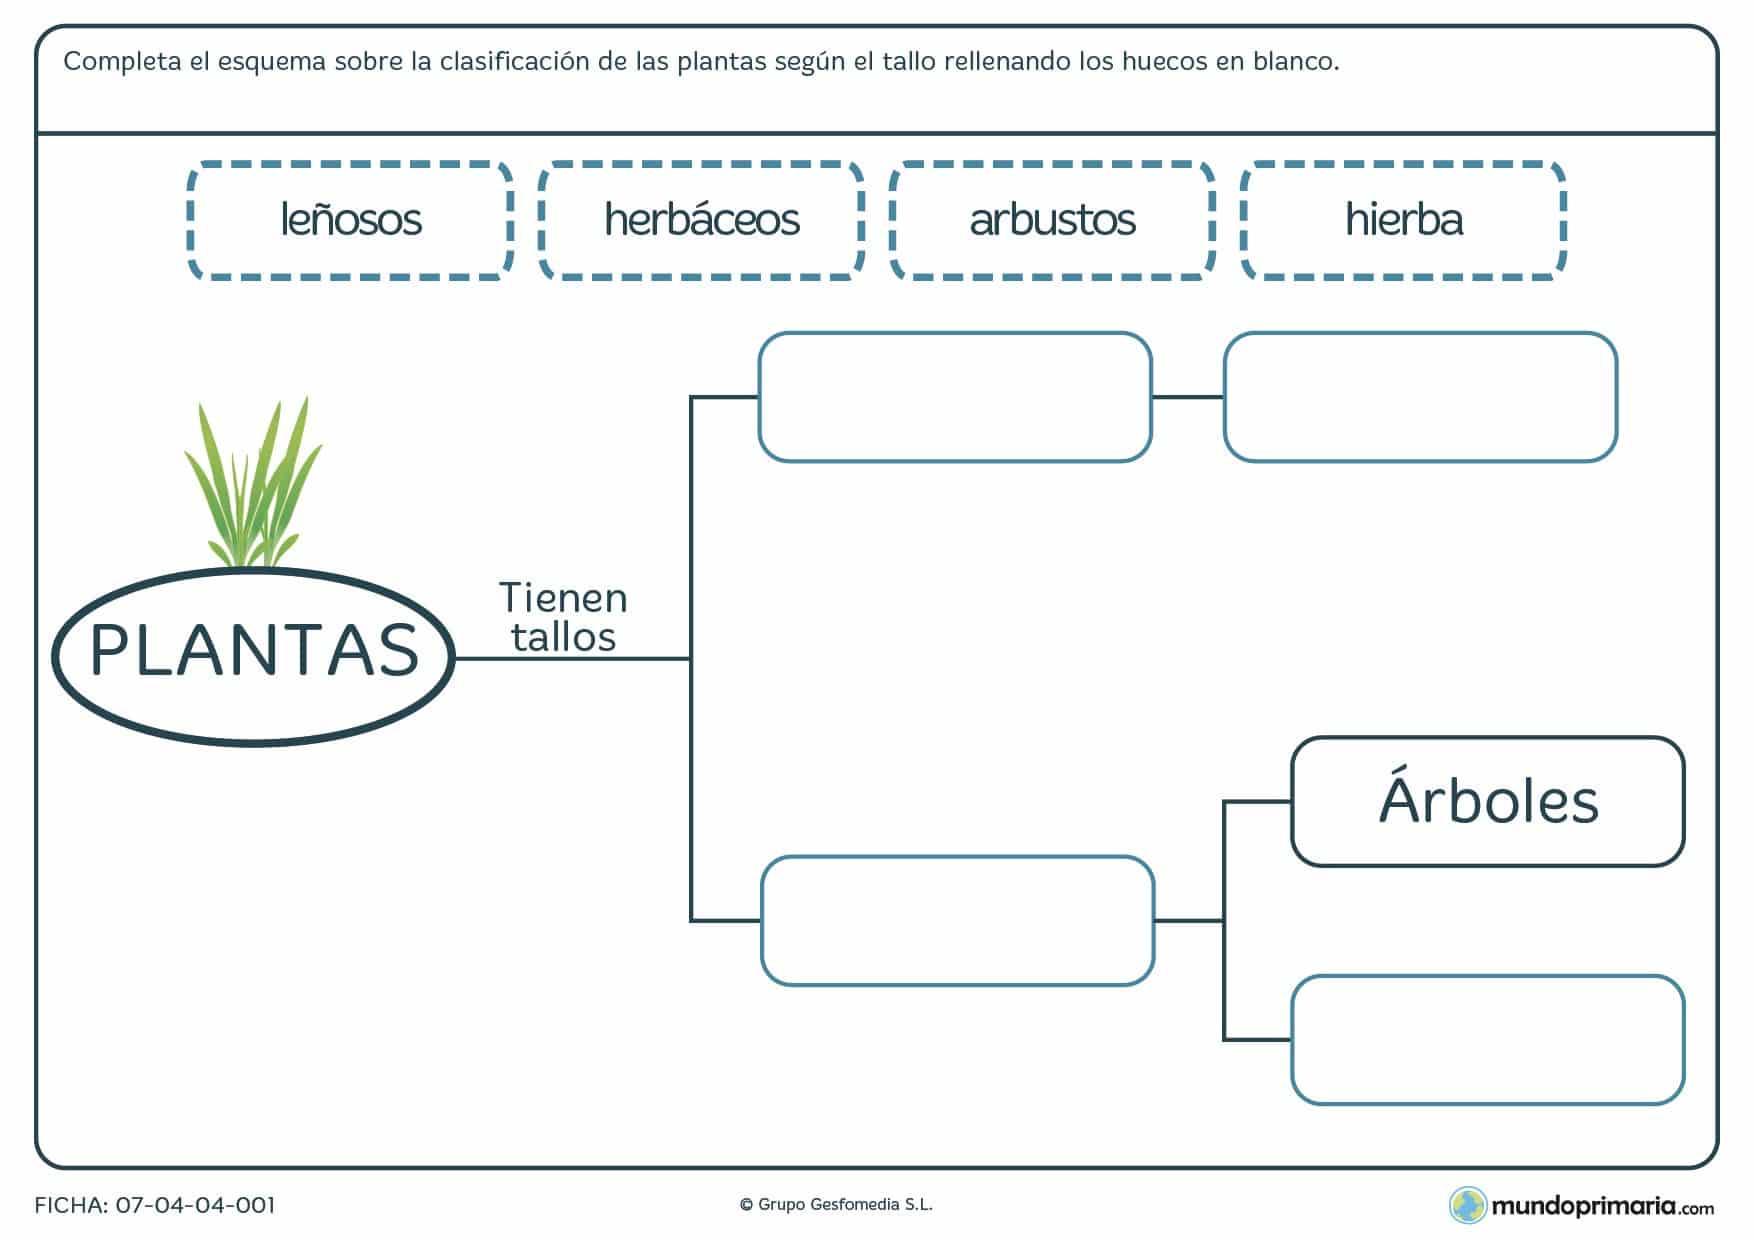 Ficha de plantas según su tallo en la que deberás rellenar los espacios en blanco según se denomine la planta por su tallo.